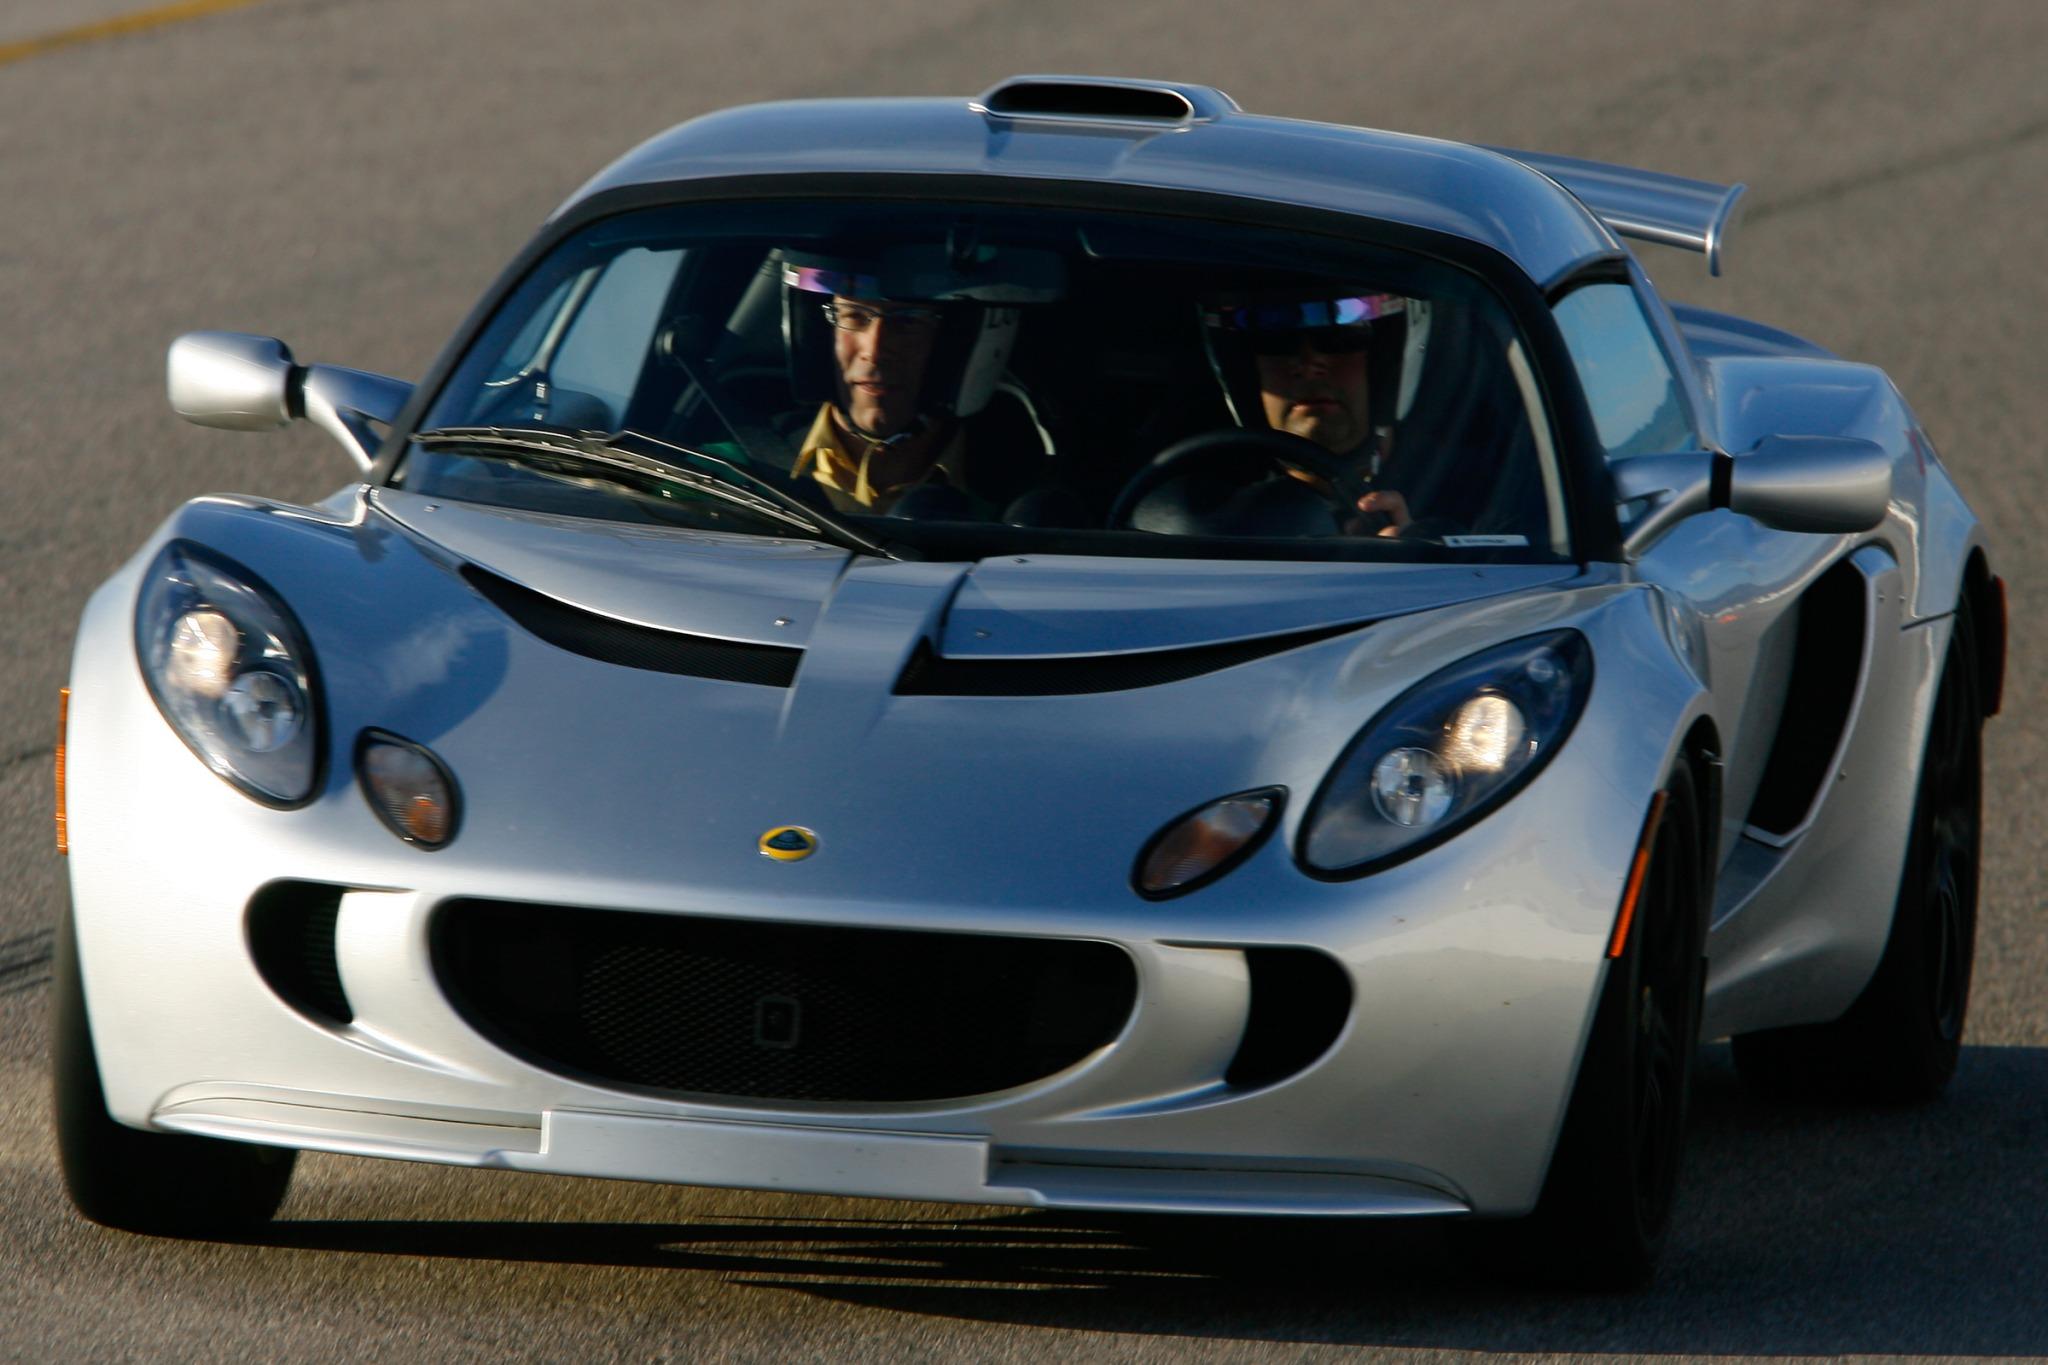 Lotus Exige I 2001 - 2004 Coupe #1